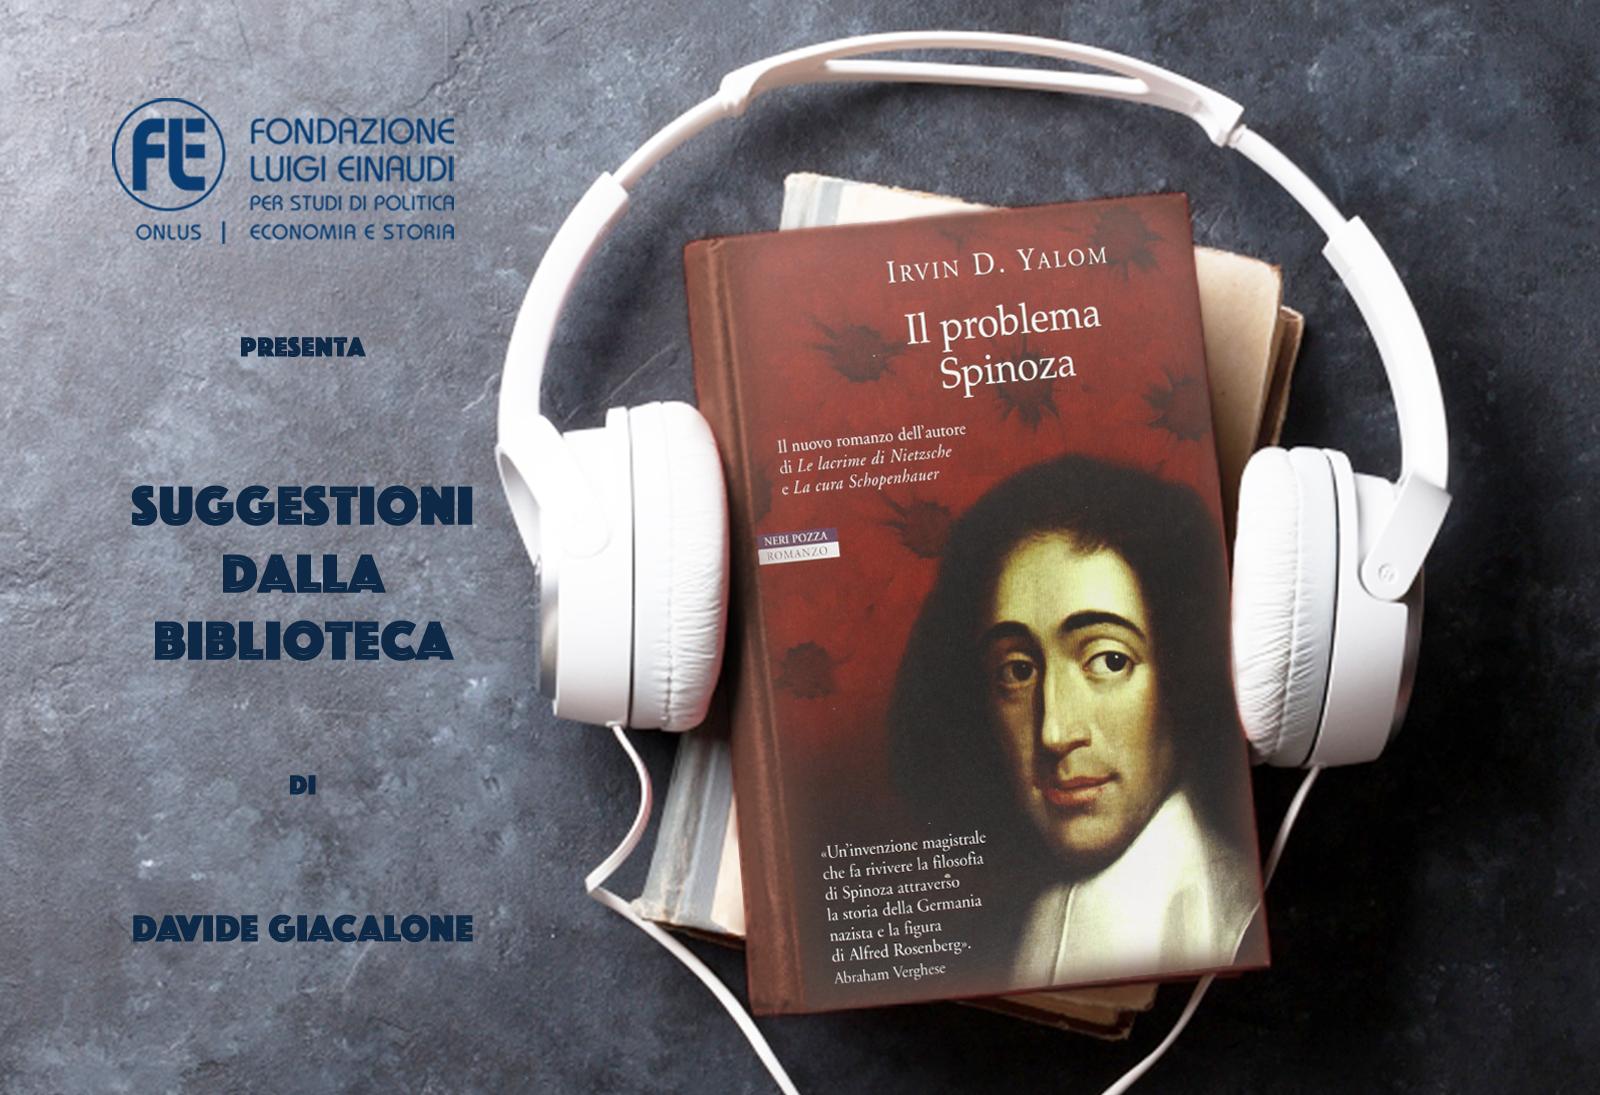 Irvin D. Yalom – Il problema Spinoza